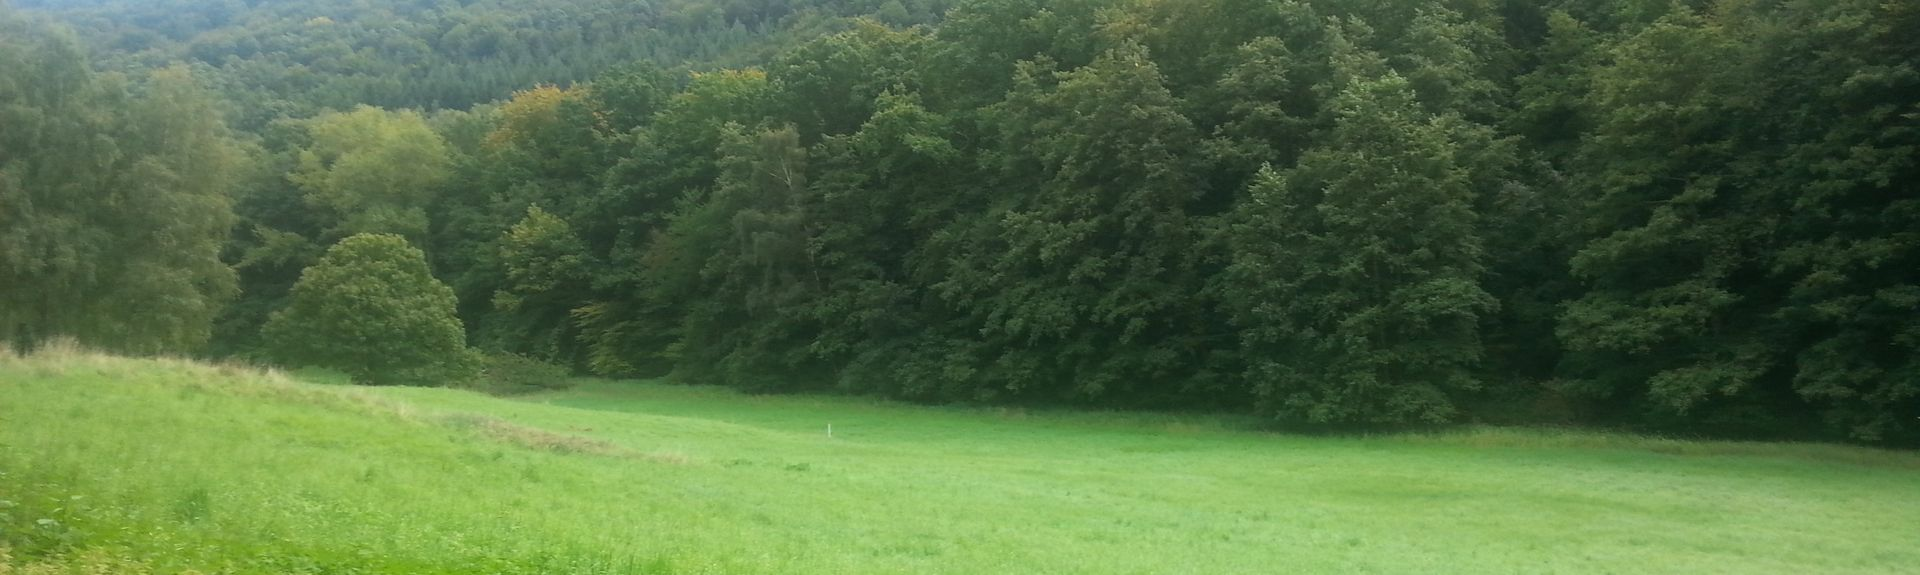 Kirrweiler, Südliche Weinstraße, Rheinland-Pfalz, Deutschland